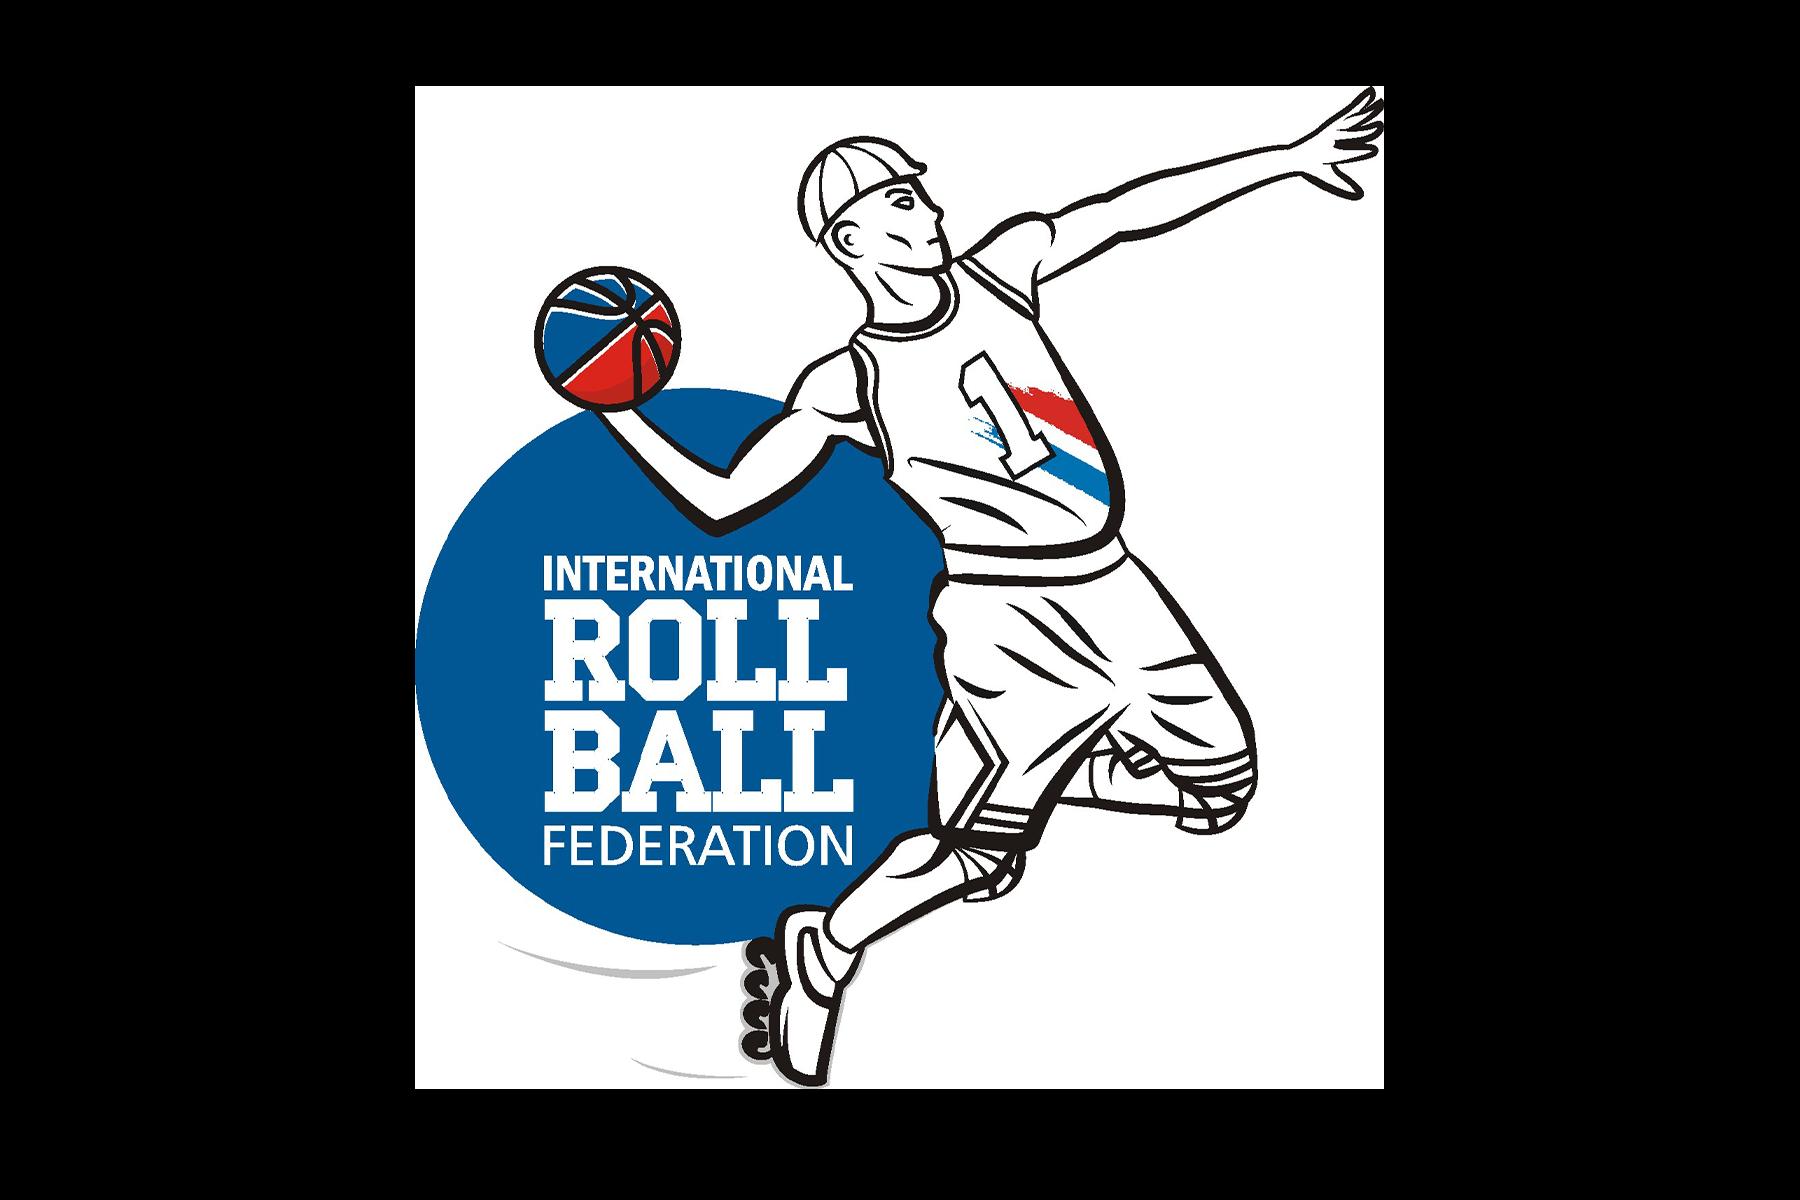 International Roll Ball Federation